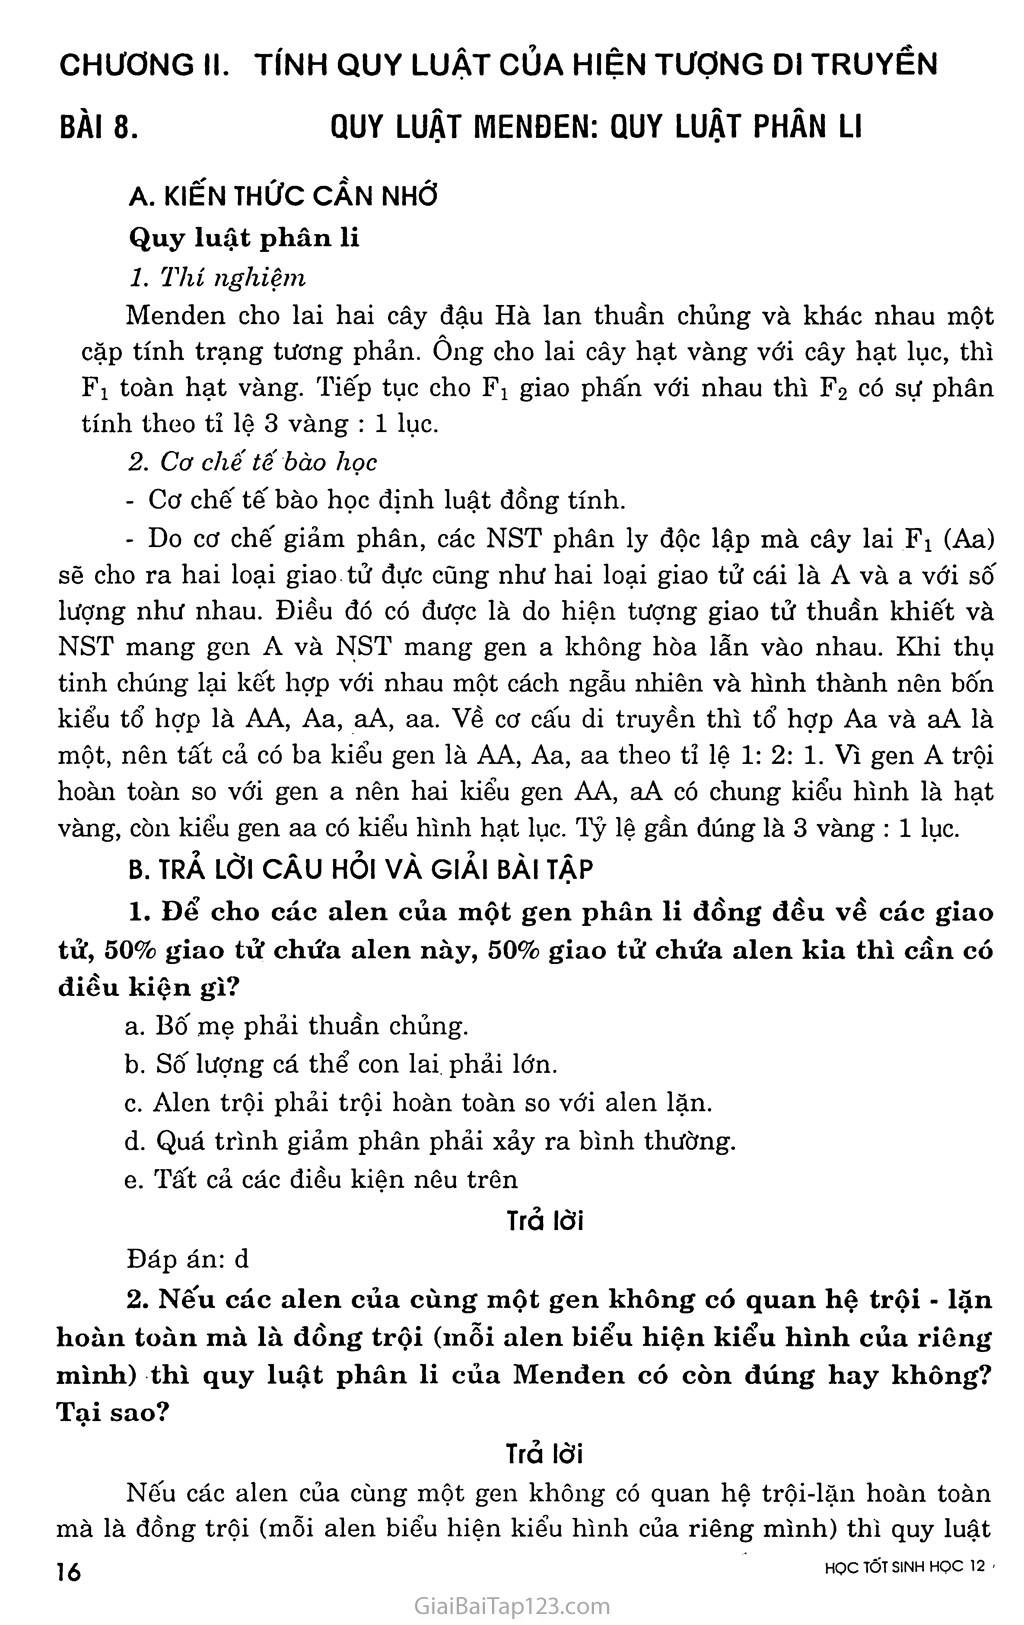 Bài 8. Quy luật Menđen: Quy luật phân li trang 1